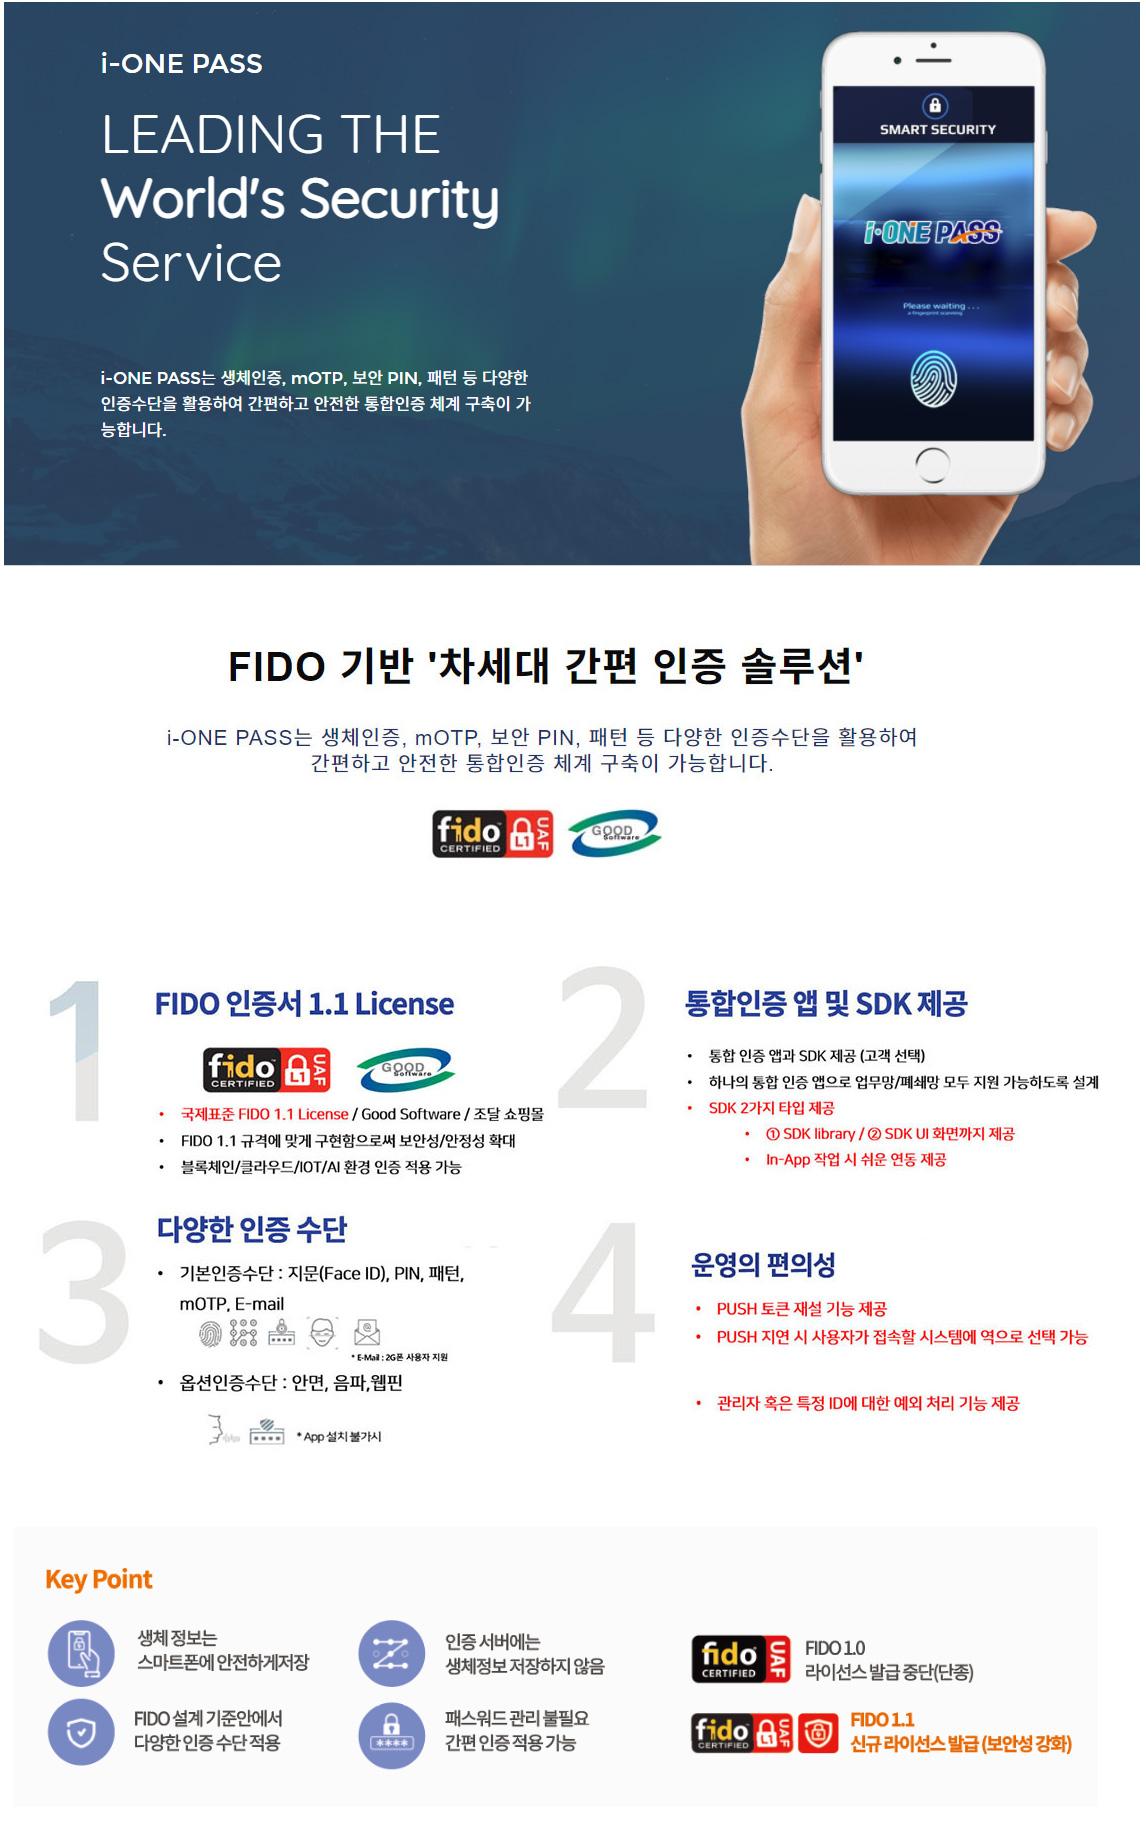 FIDO 인증 솔루션